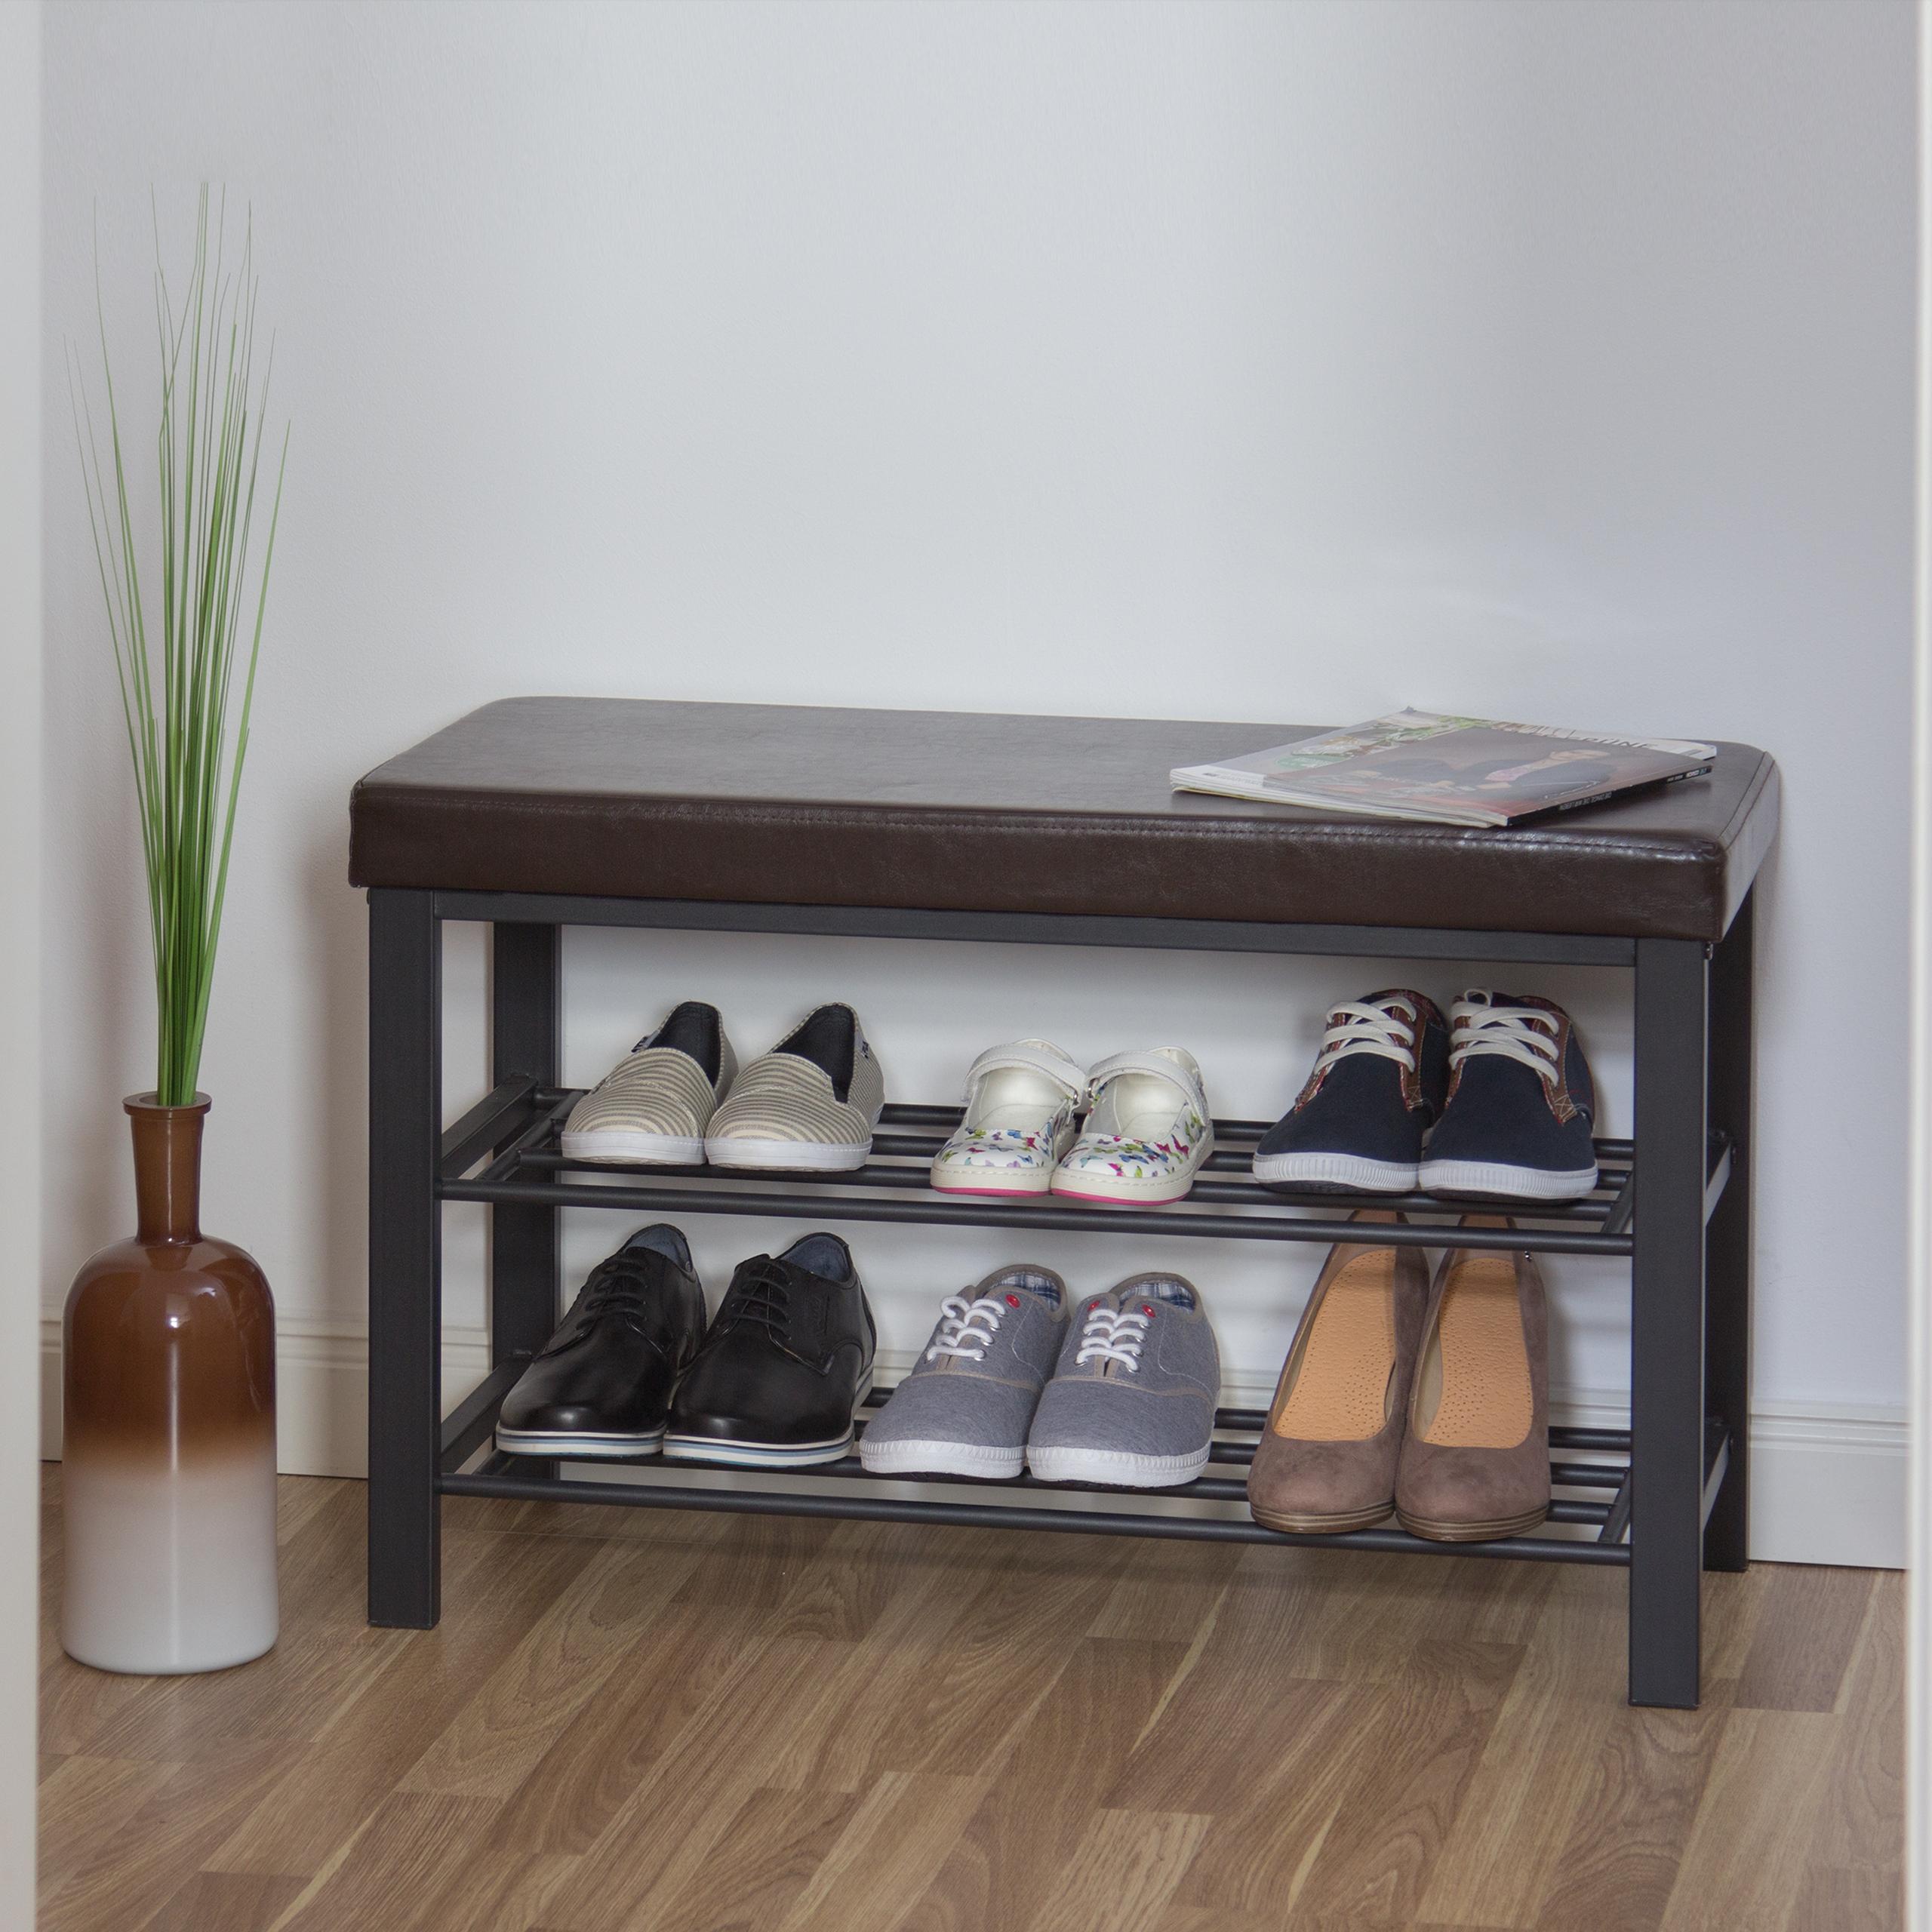 Schuhbank-mit-Polsterung-Schuhregal-mit-Ablage-Sitzbank-mit-Faechern-Schuhablge Indexbild 3